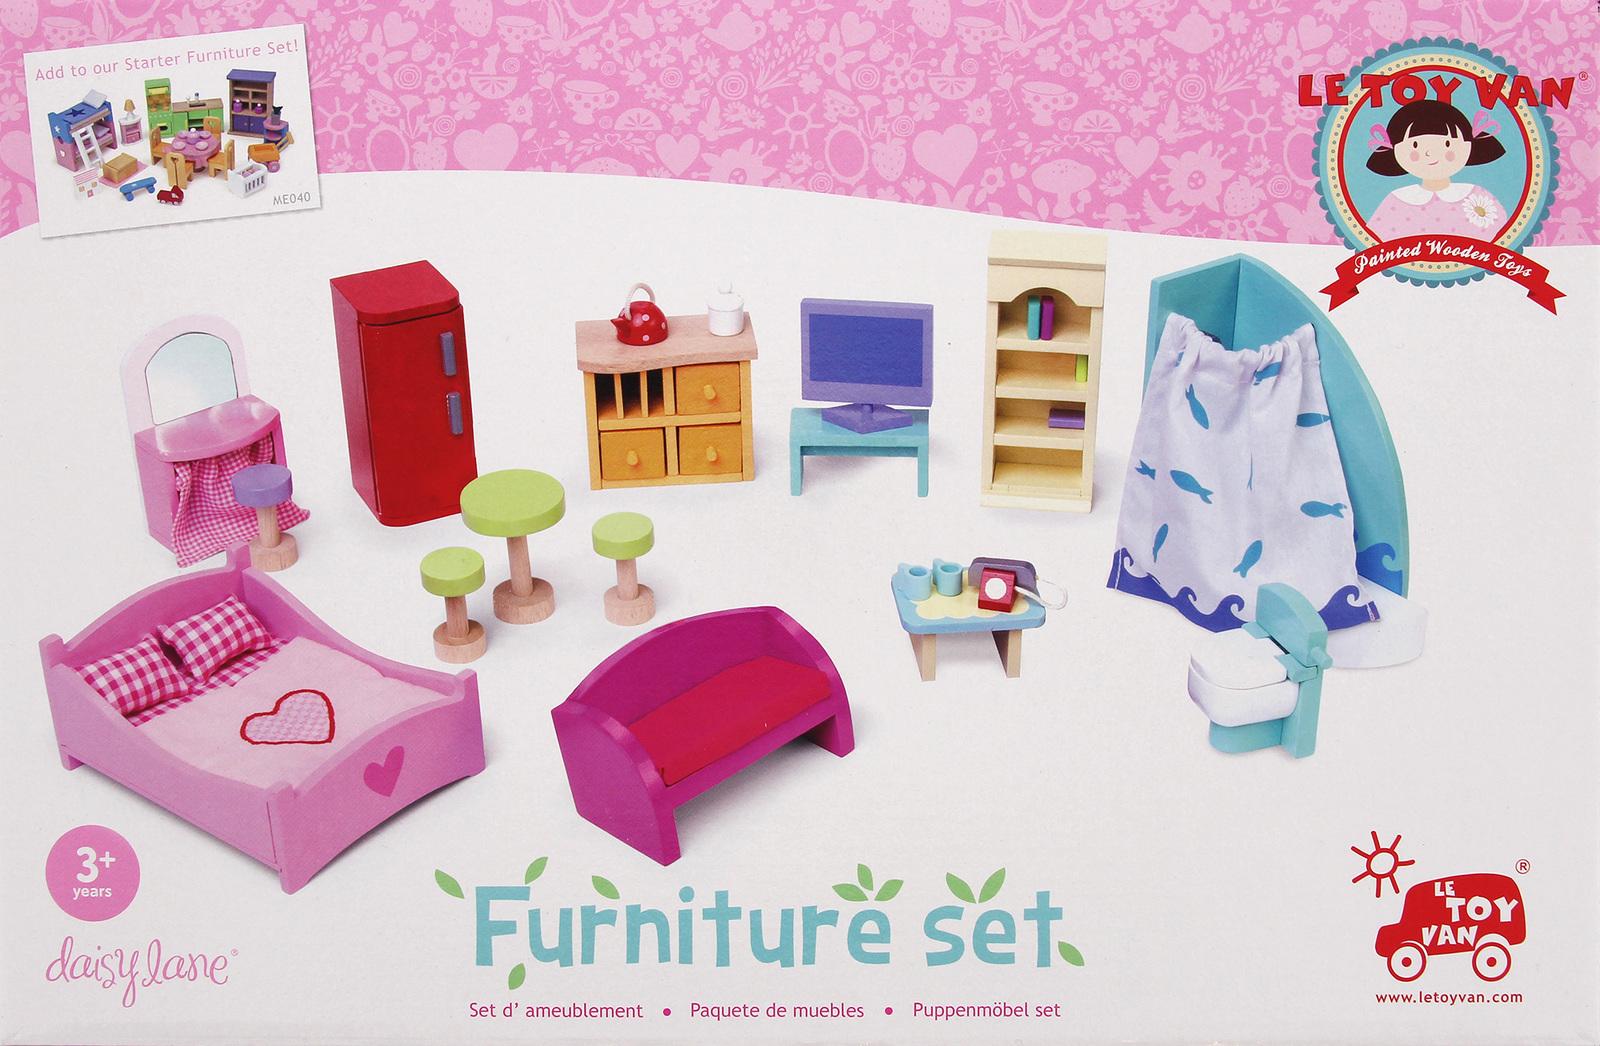 Le Toy Van: Starter Furniture Set image